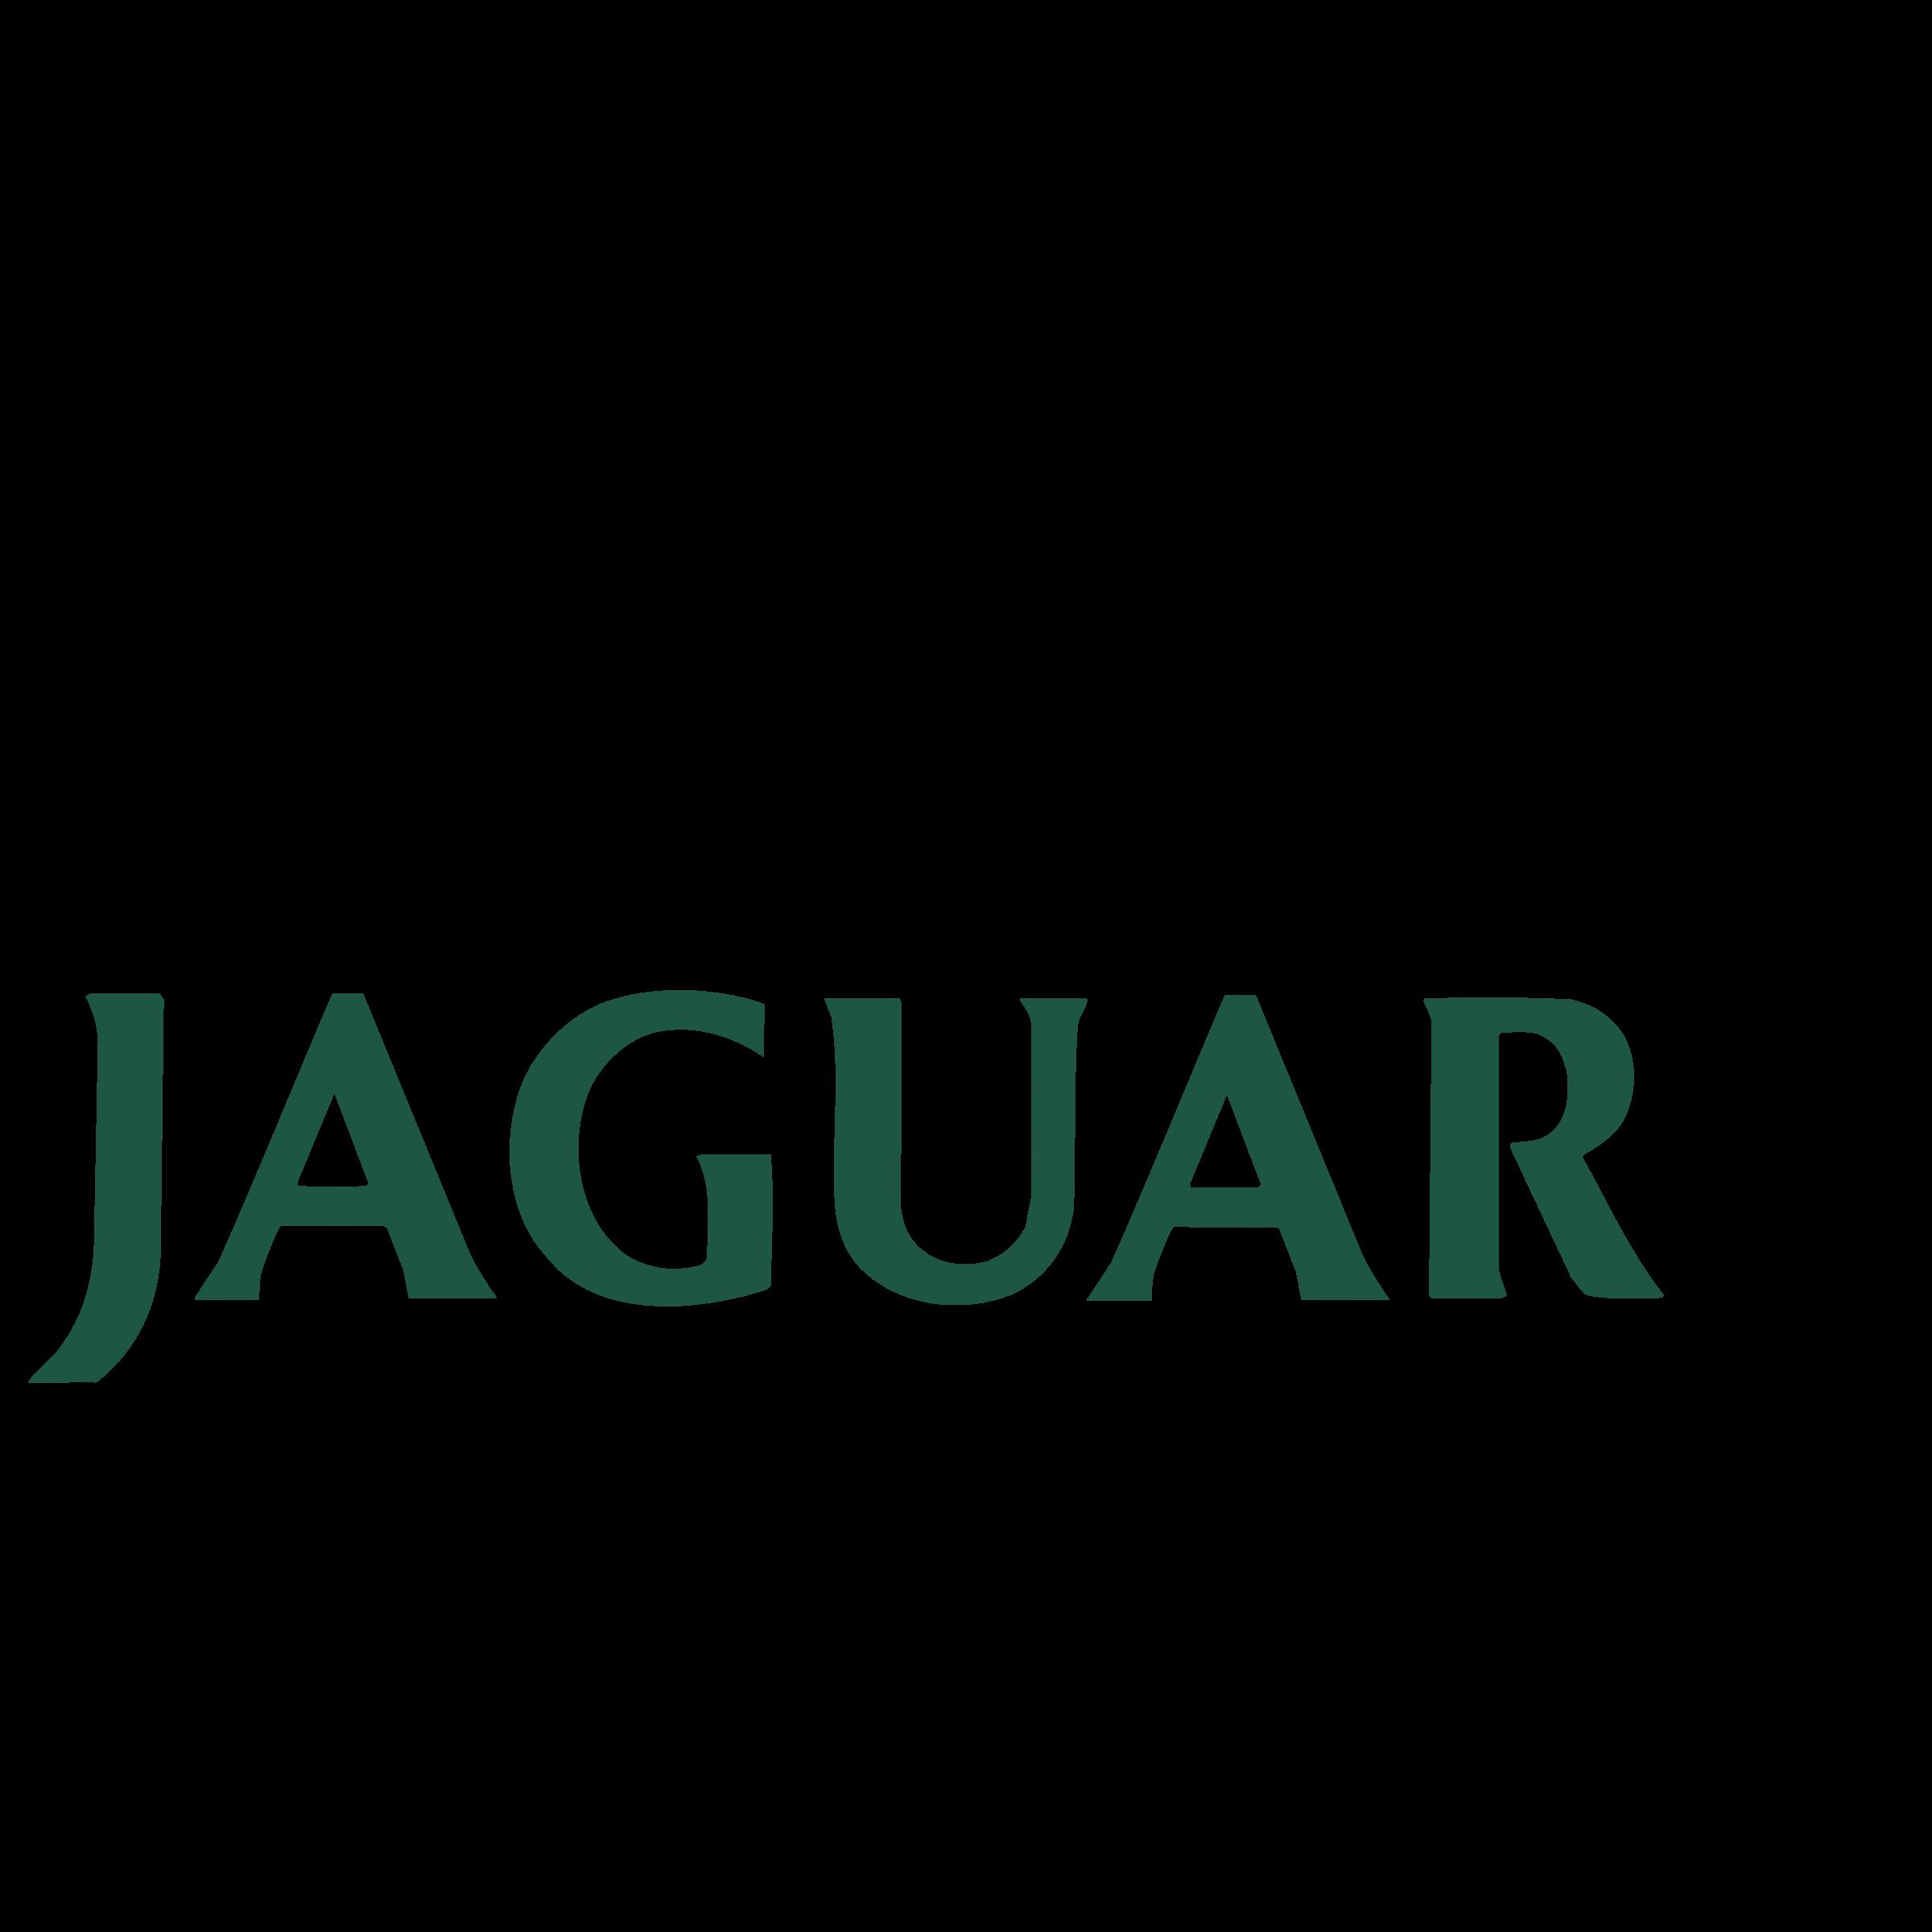 jaguar logo png transparent & svg vector - freebie supply